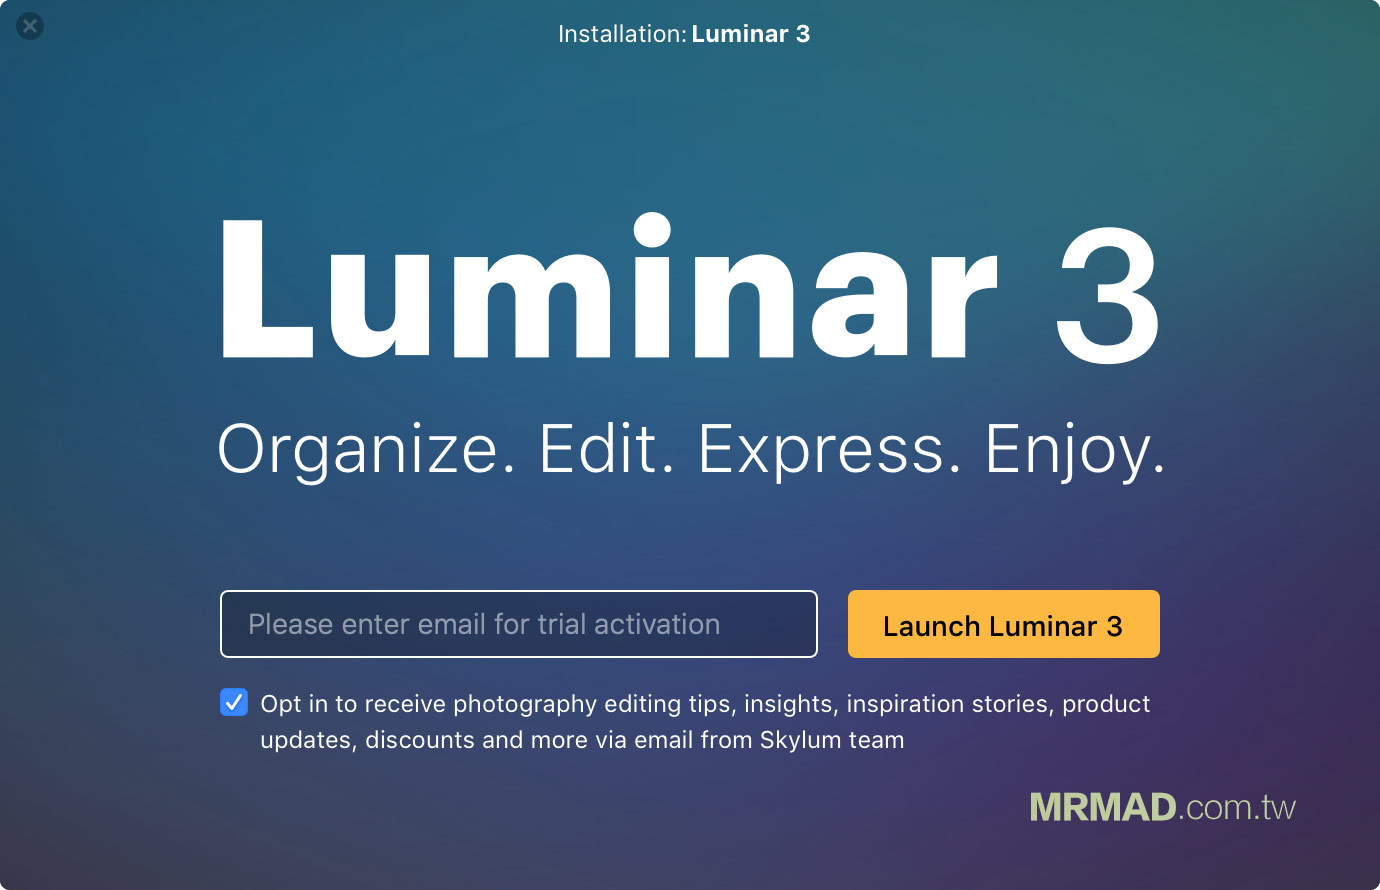 免費下載 Luminar 3 正式版方法5